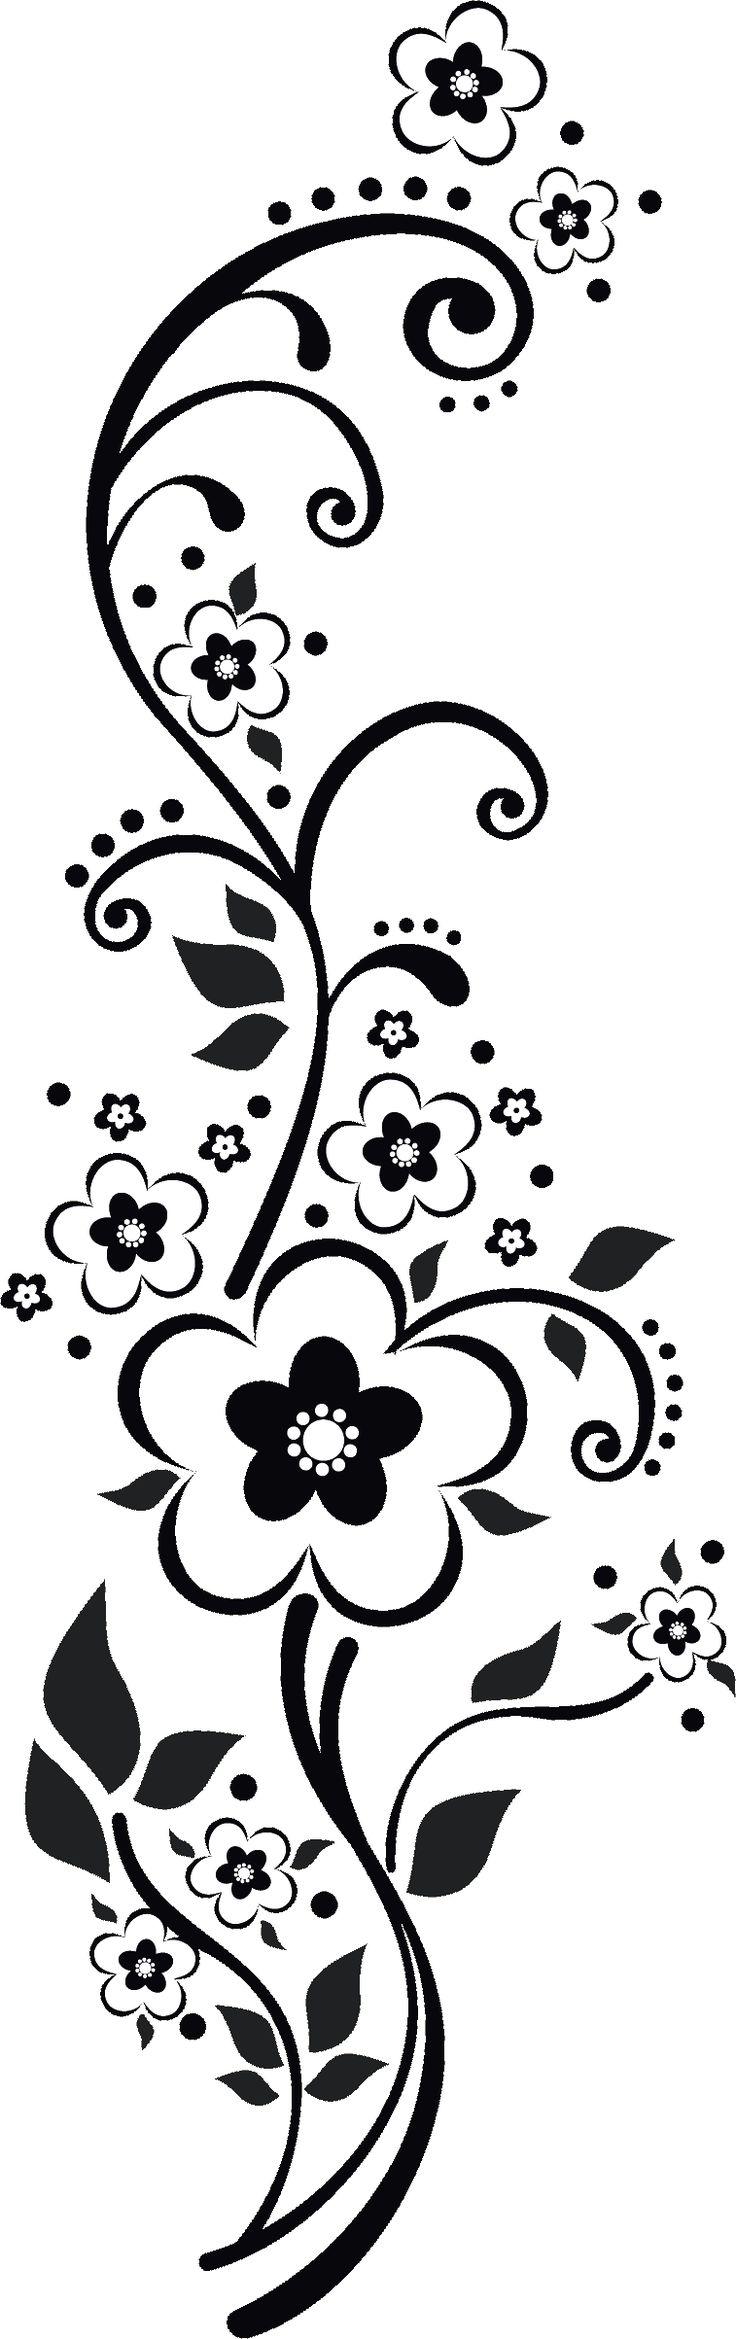 http://flowerillust.com/img/flower/flower4937.png*vector*